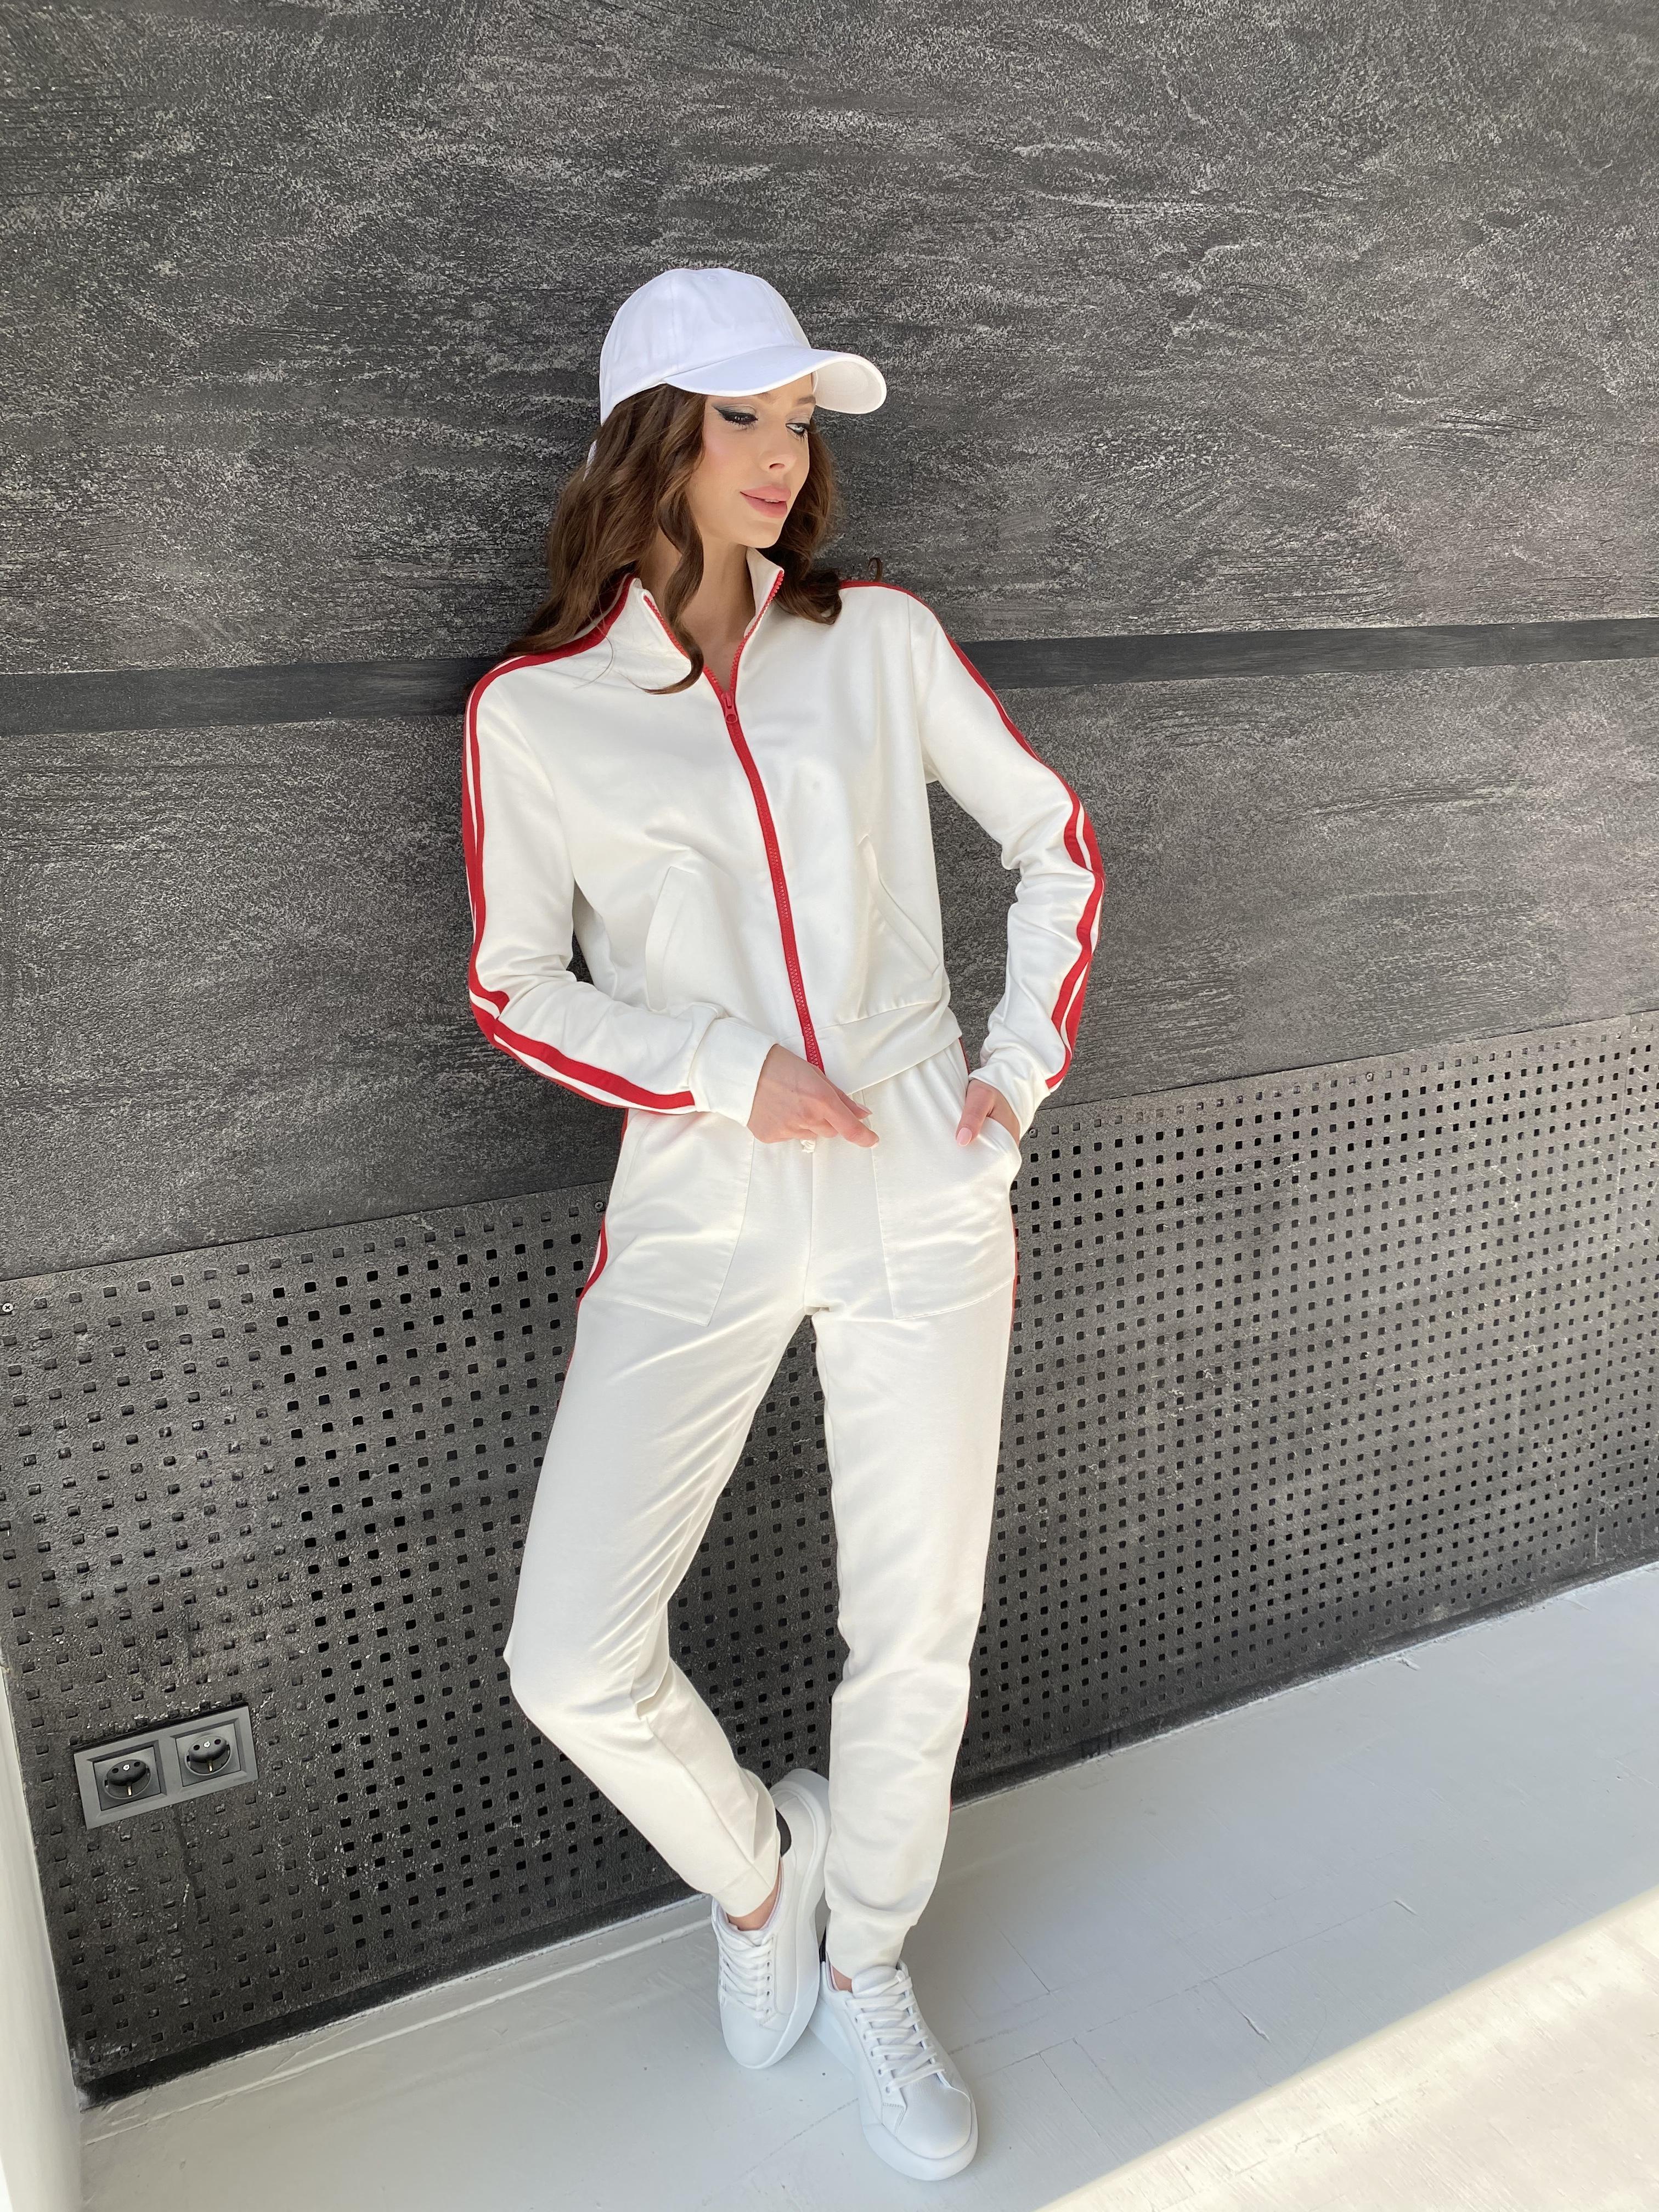 Камон костюм трикотажный из двунитки  9333 АРТ. 45761 Цвет: Молоко/красный - фото 7, интернет магазин tm-modus.ru